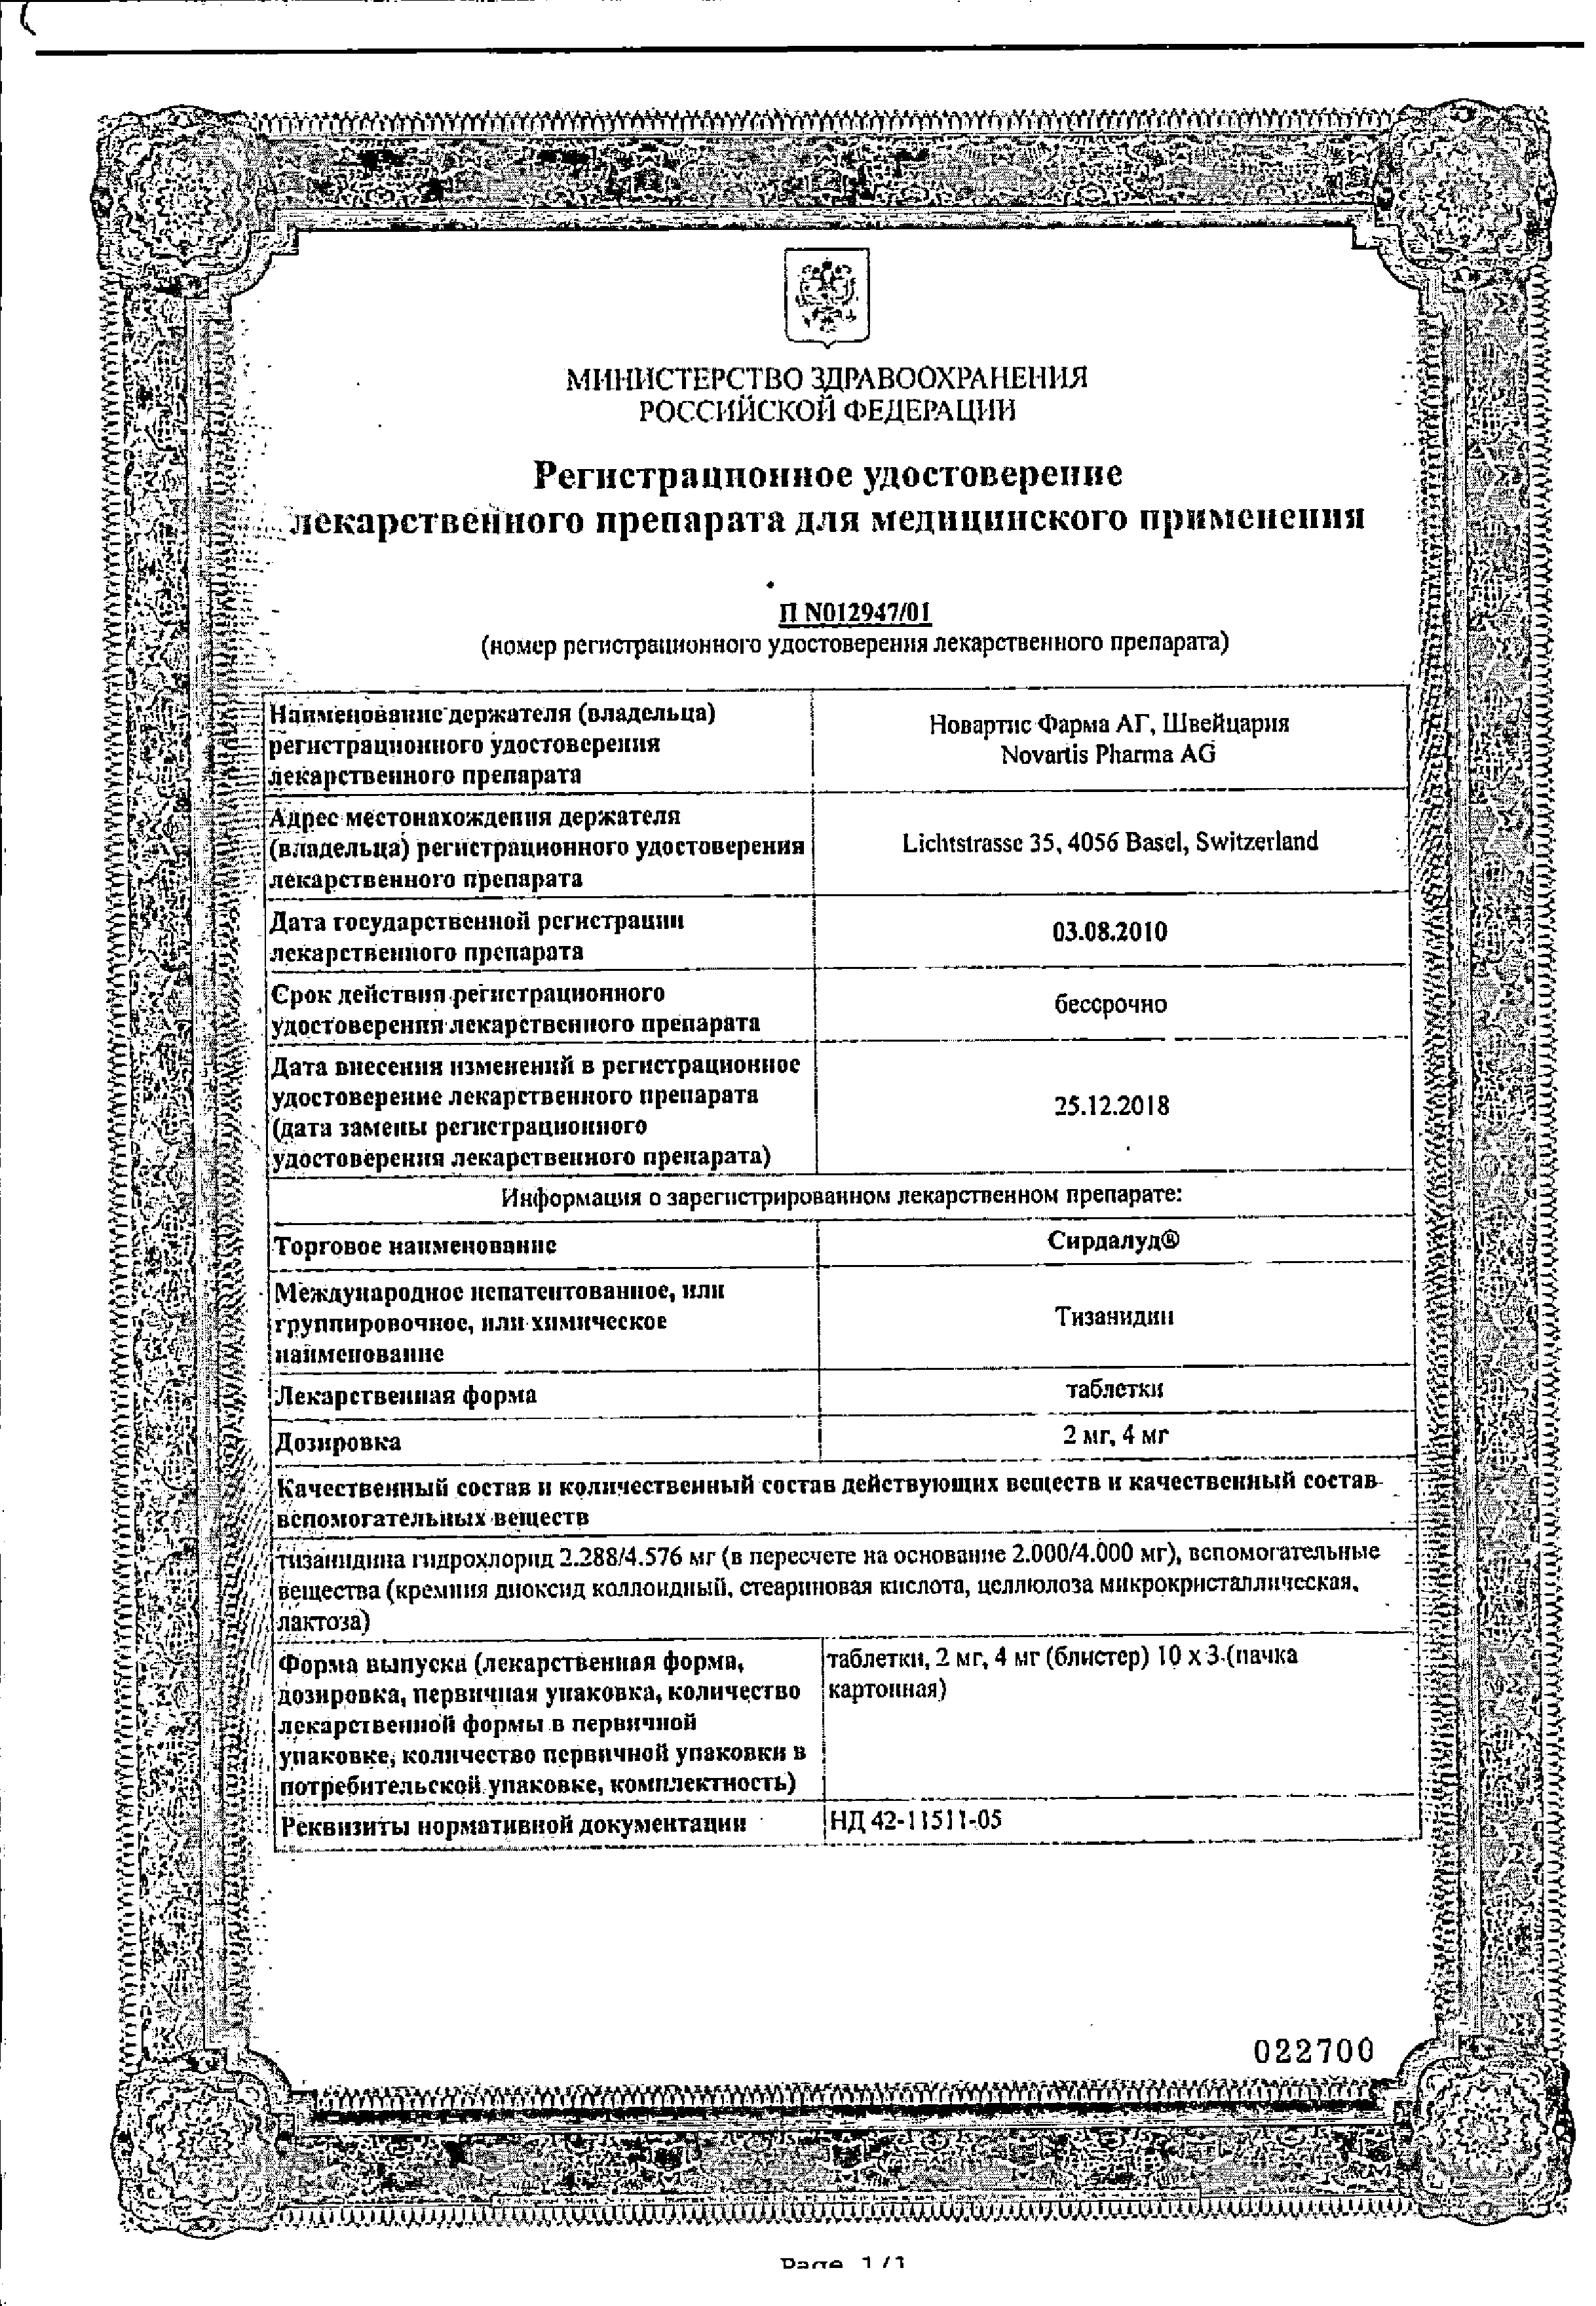 Сирдалуд сертификат